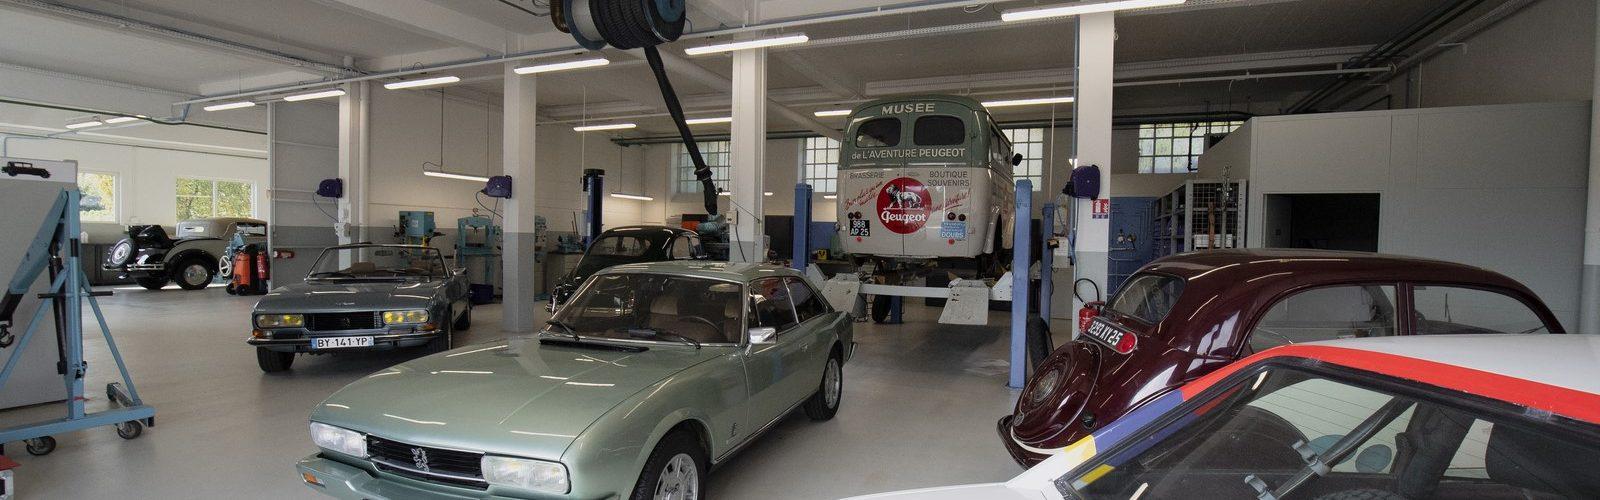 Road trip Peugeot 504 2